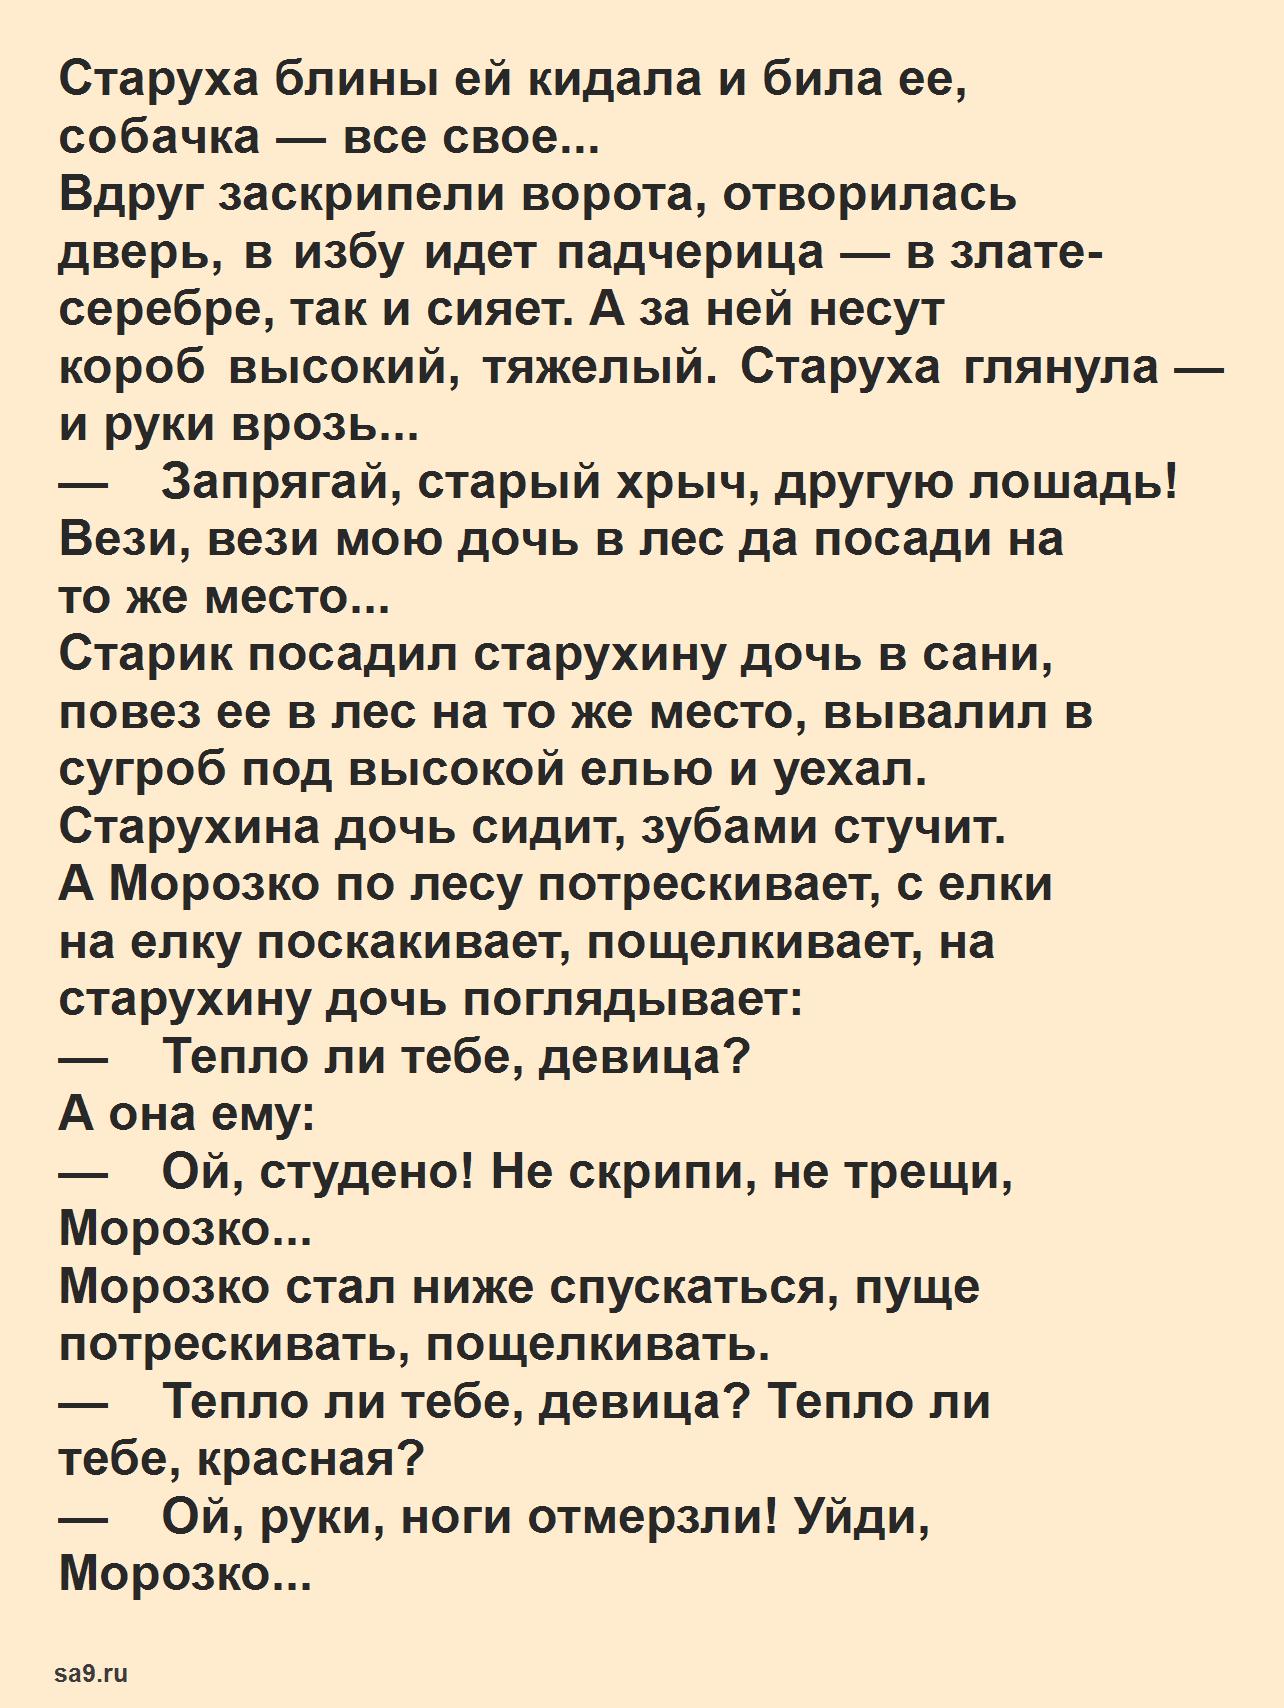 Читать русскую народную сказку - Морозко, для детей